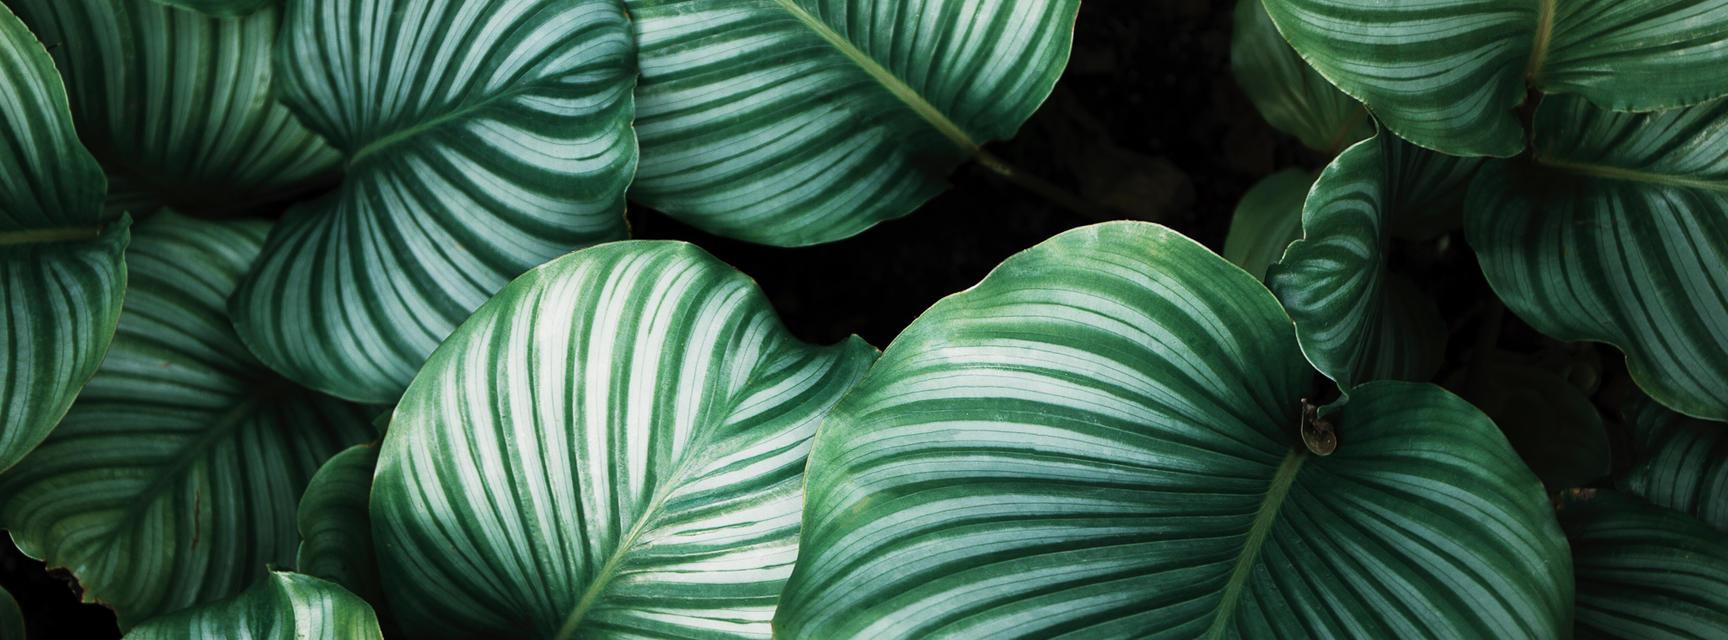 Botanical pattern